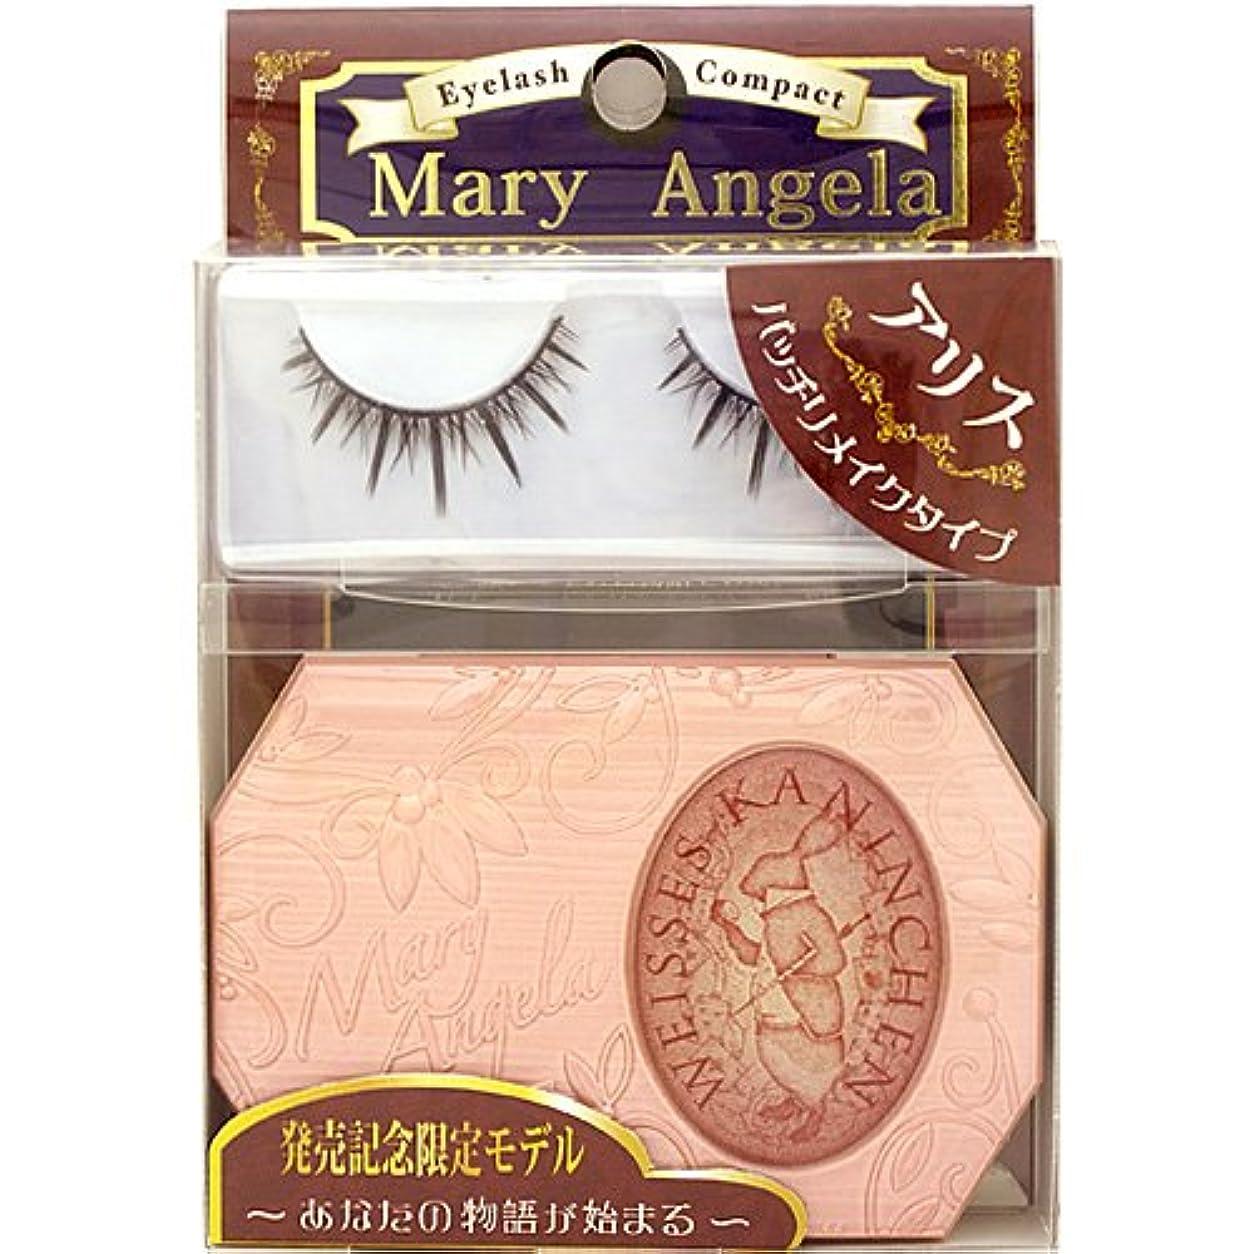 ワーカー平らにする留め金MILCA ミルカ MaryAngela マリーアンジェラ つけまつげ&つけまつげケース アリス